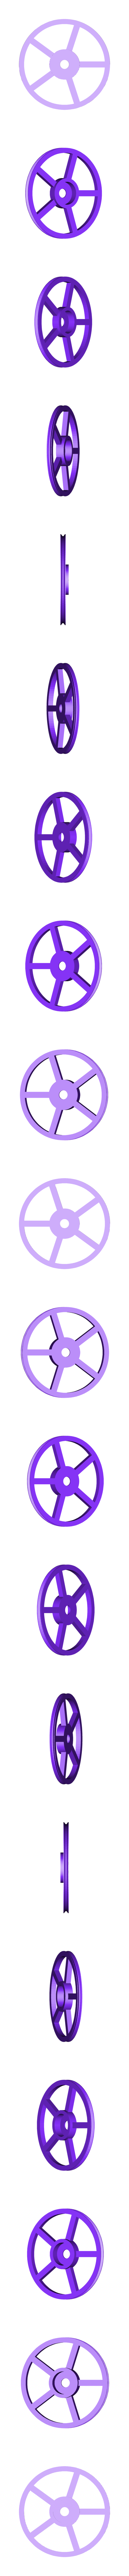 Anycubic_I3_Mega_Filamentrollenhalter-Umlenkrad.stl Download free STL file Anycubic I3 Mega Spool Holder • 3D print object, dede67